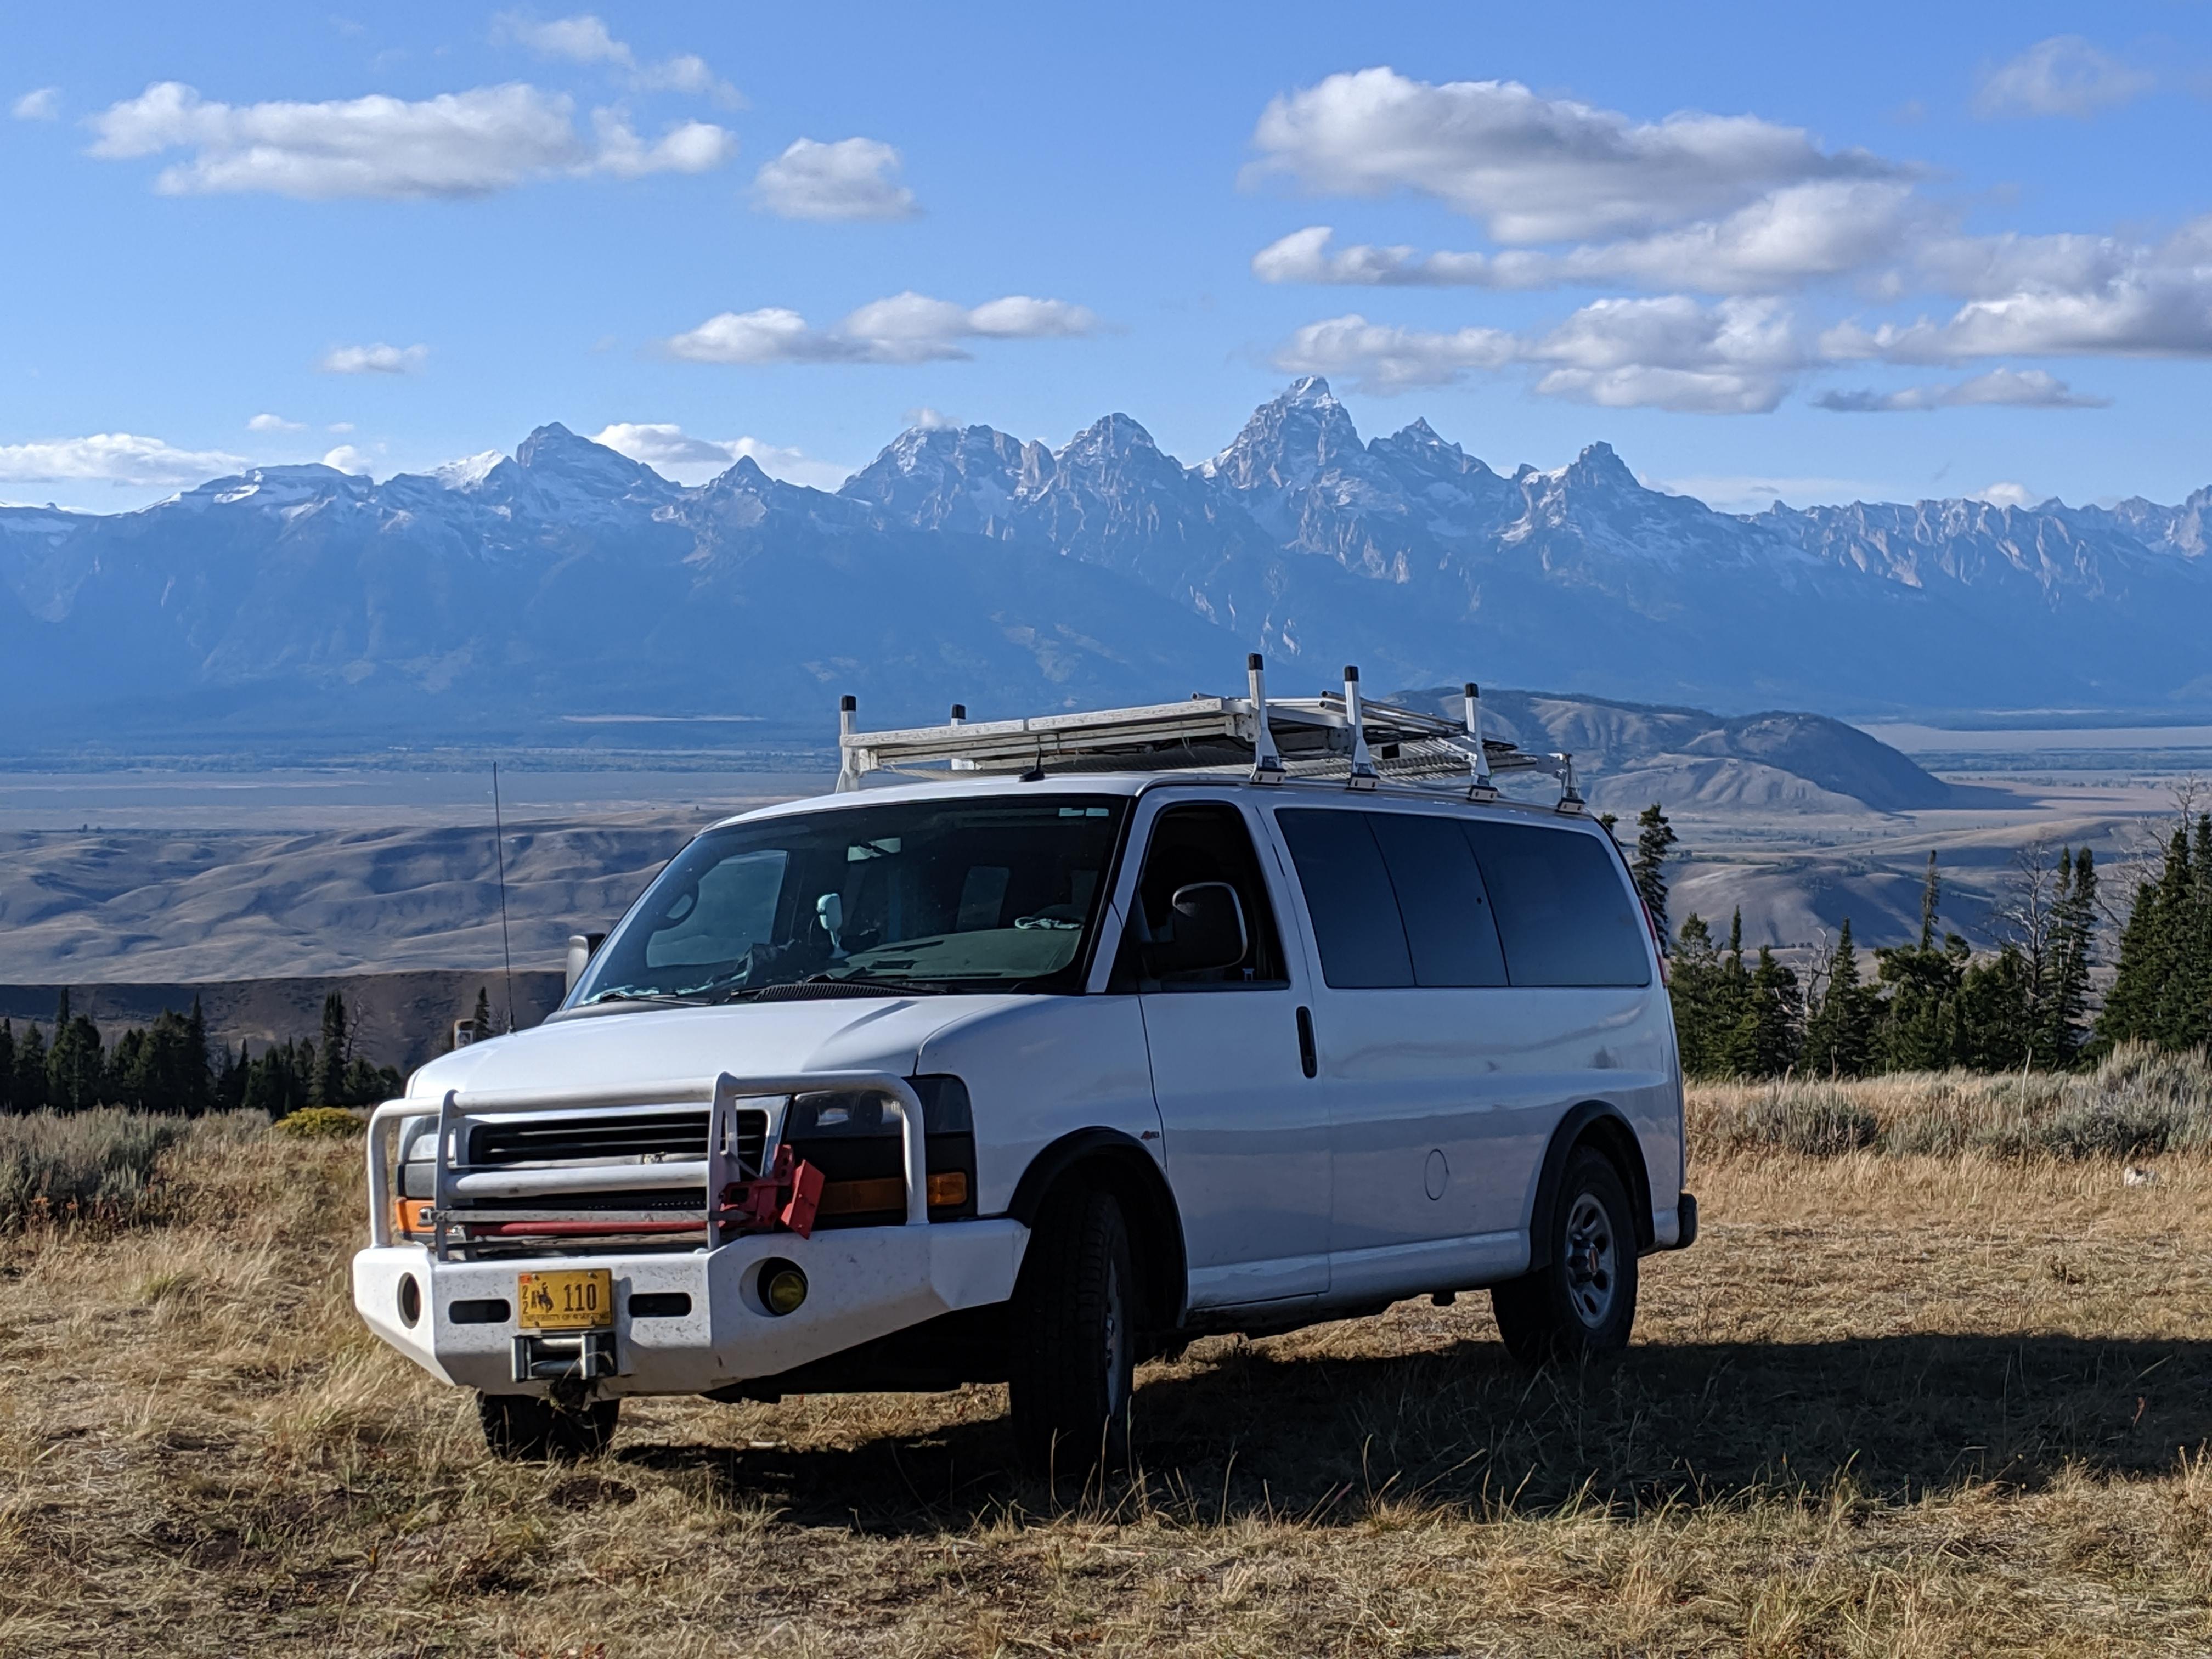 The Teton Mountain Range